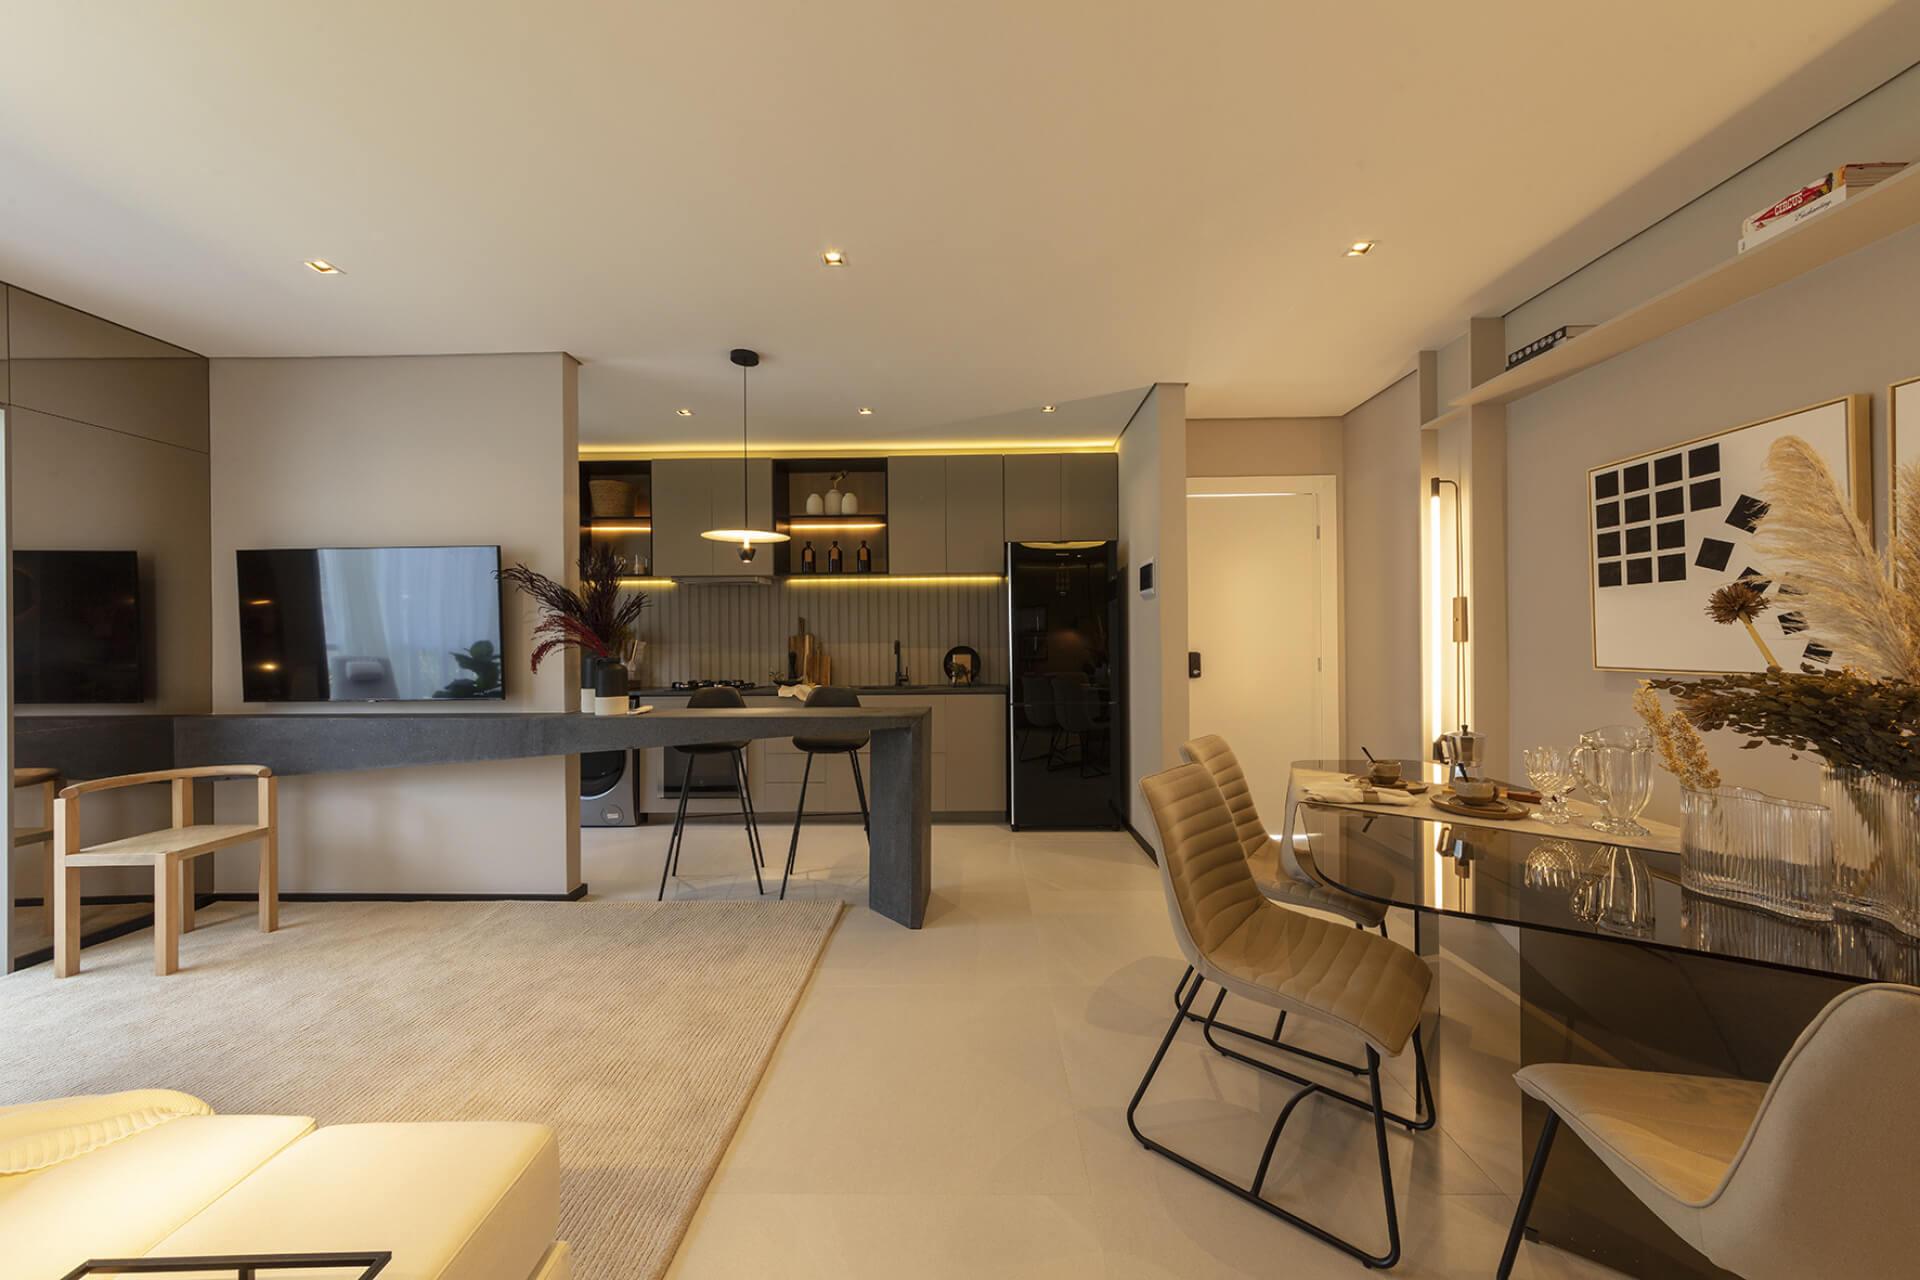 LIVING do apto de 90 m² integrando salas de estar e jantar à cozinha, com todos os espaços conectados uma fluidez entre os ambientes é criada, proporcionando uma área que favorece a conversa e recebe bem seus convidados.